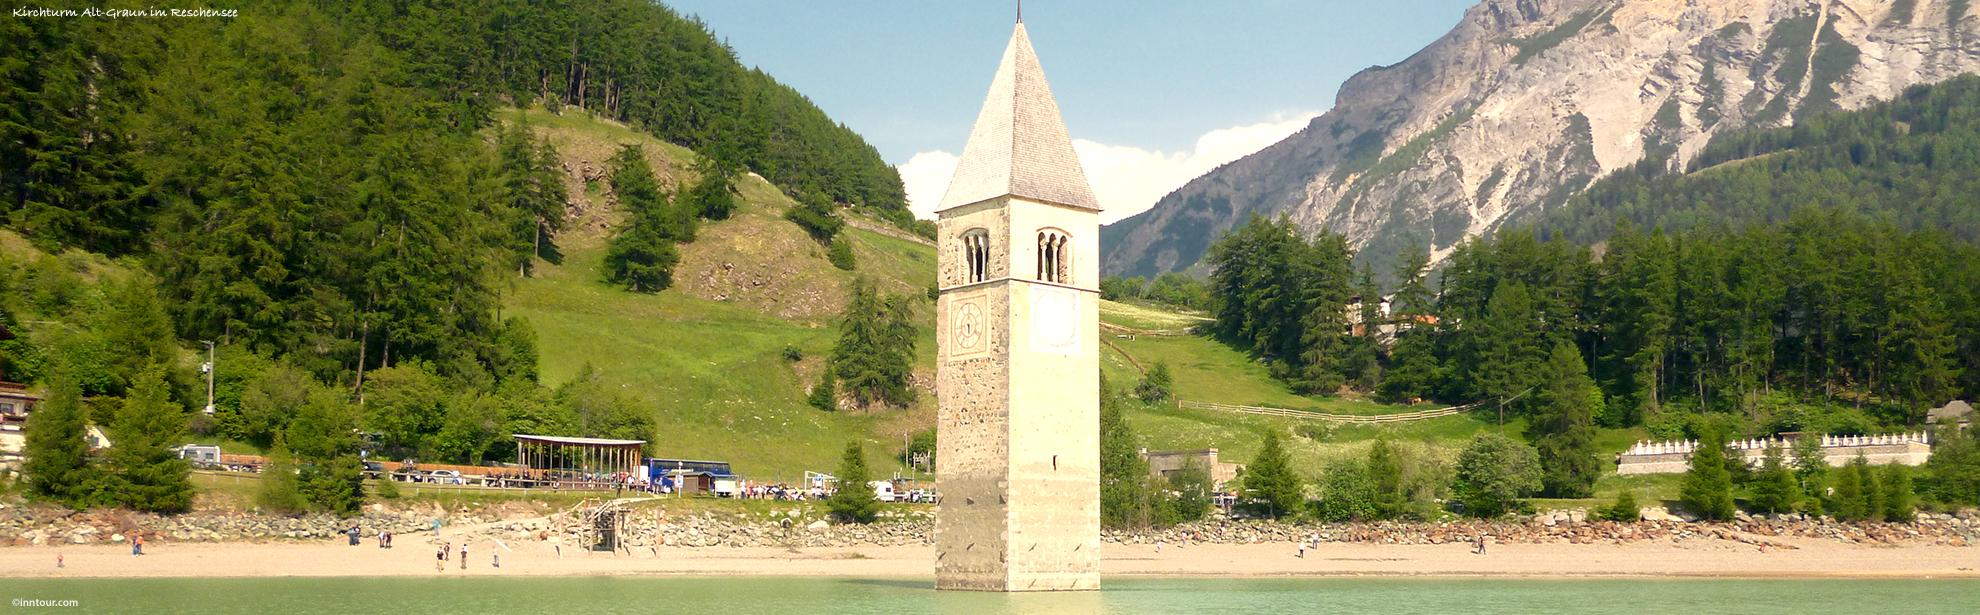 Osportinntour_Alt-Graun-im-Reschensee_P1010596